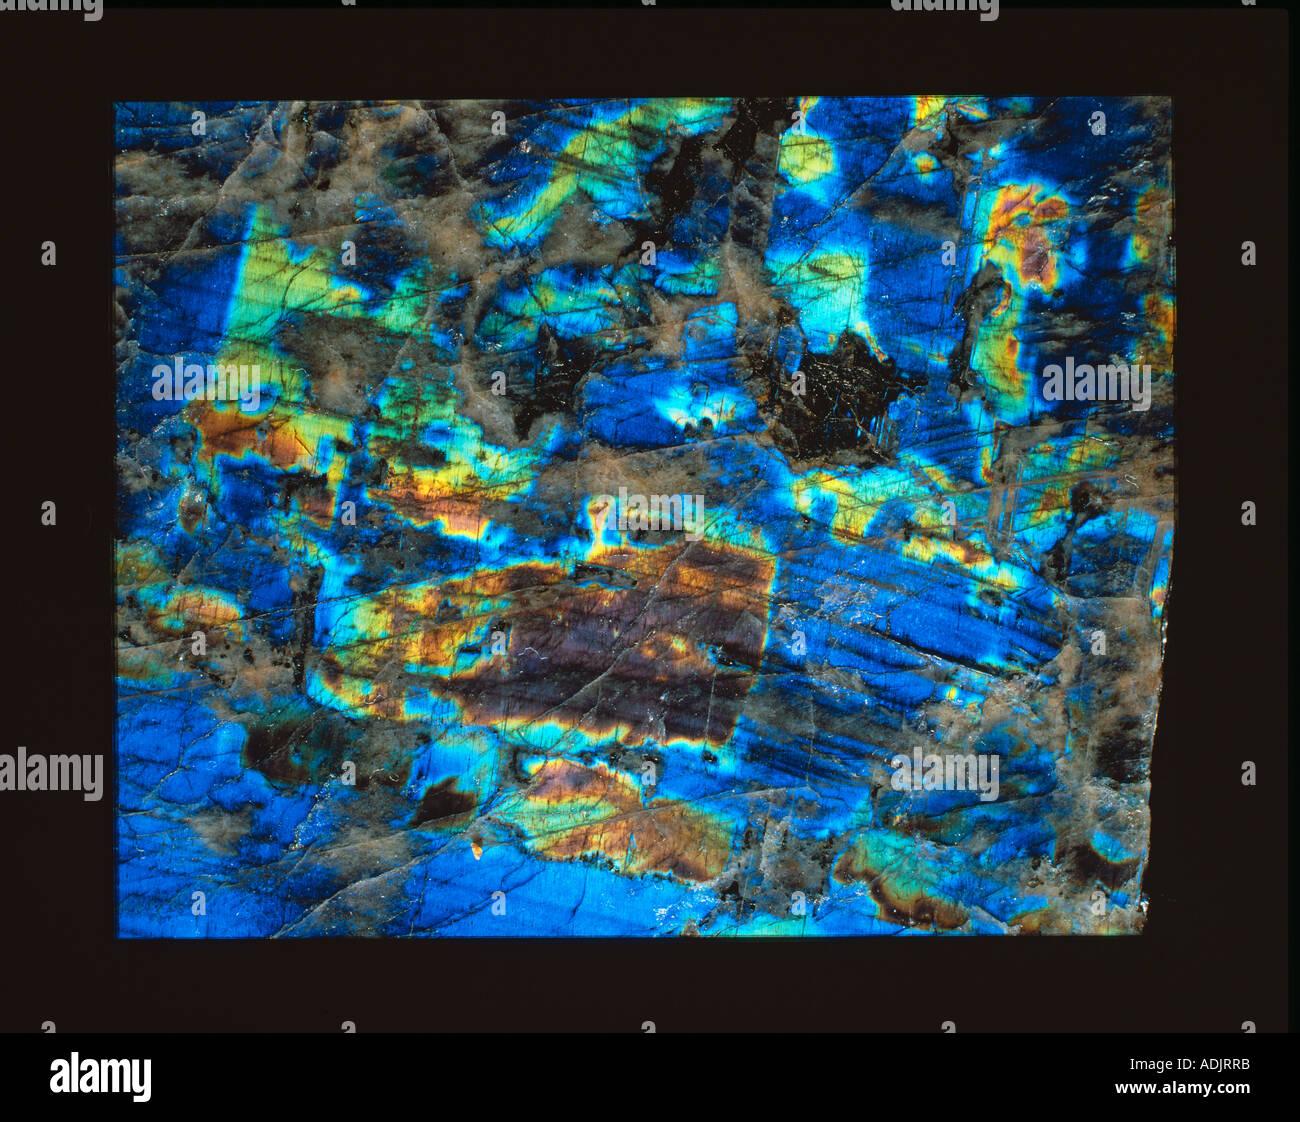 Polished slab of labradorite - Stock Image